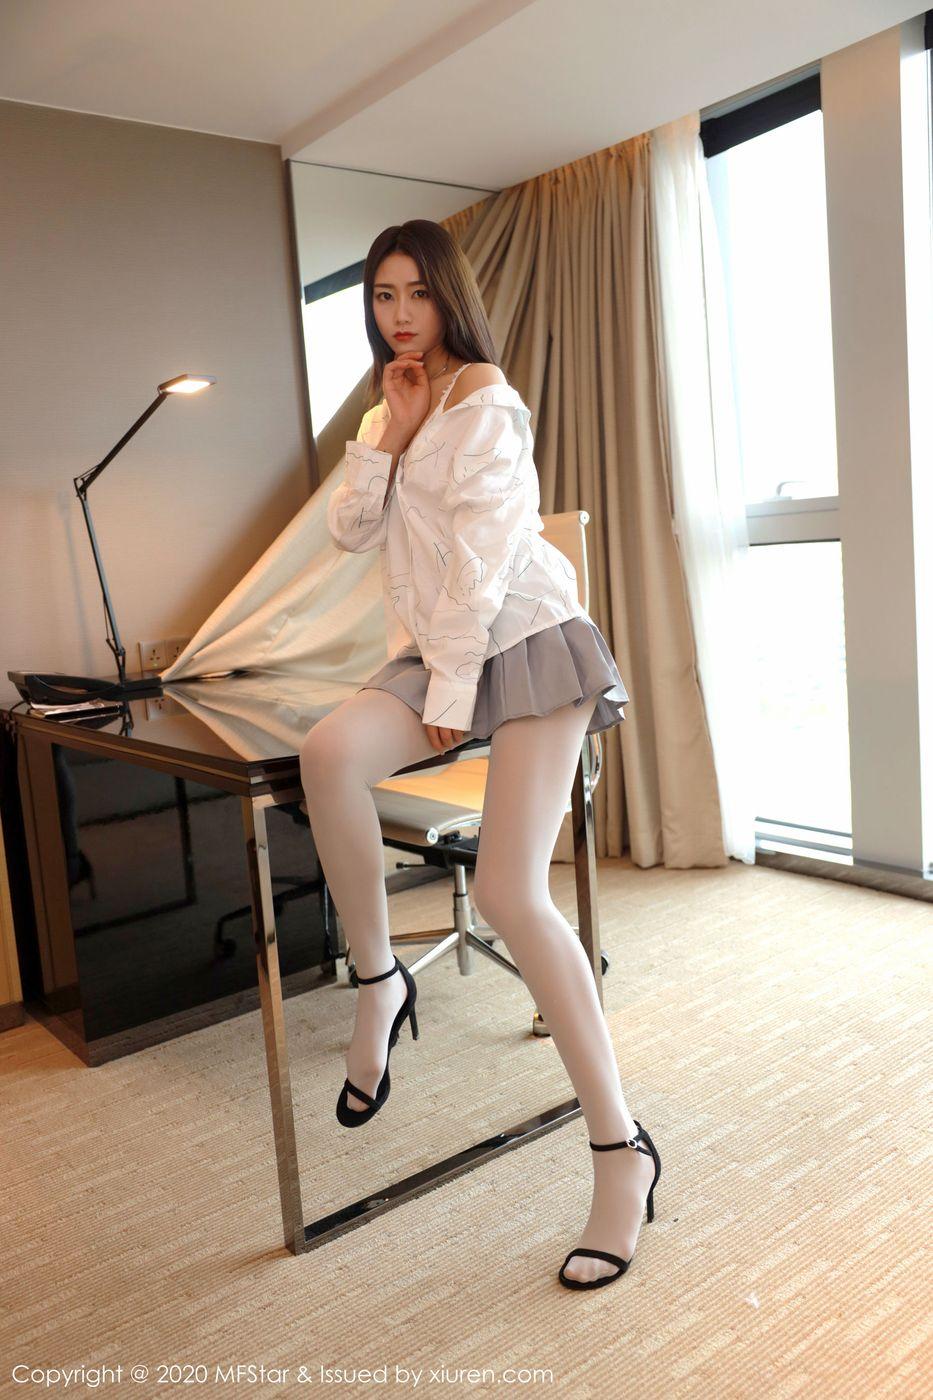 Vol.680 JK制服丝袜美腿迷你裙高跟鞋美女模特模范学院-方子萱完整私房照合集